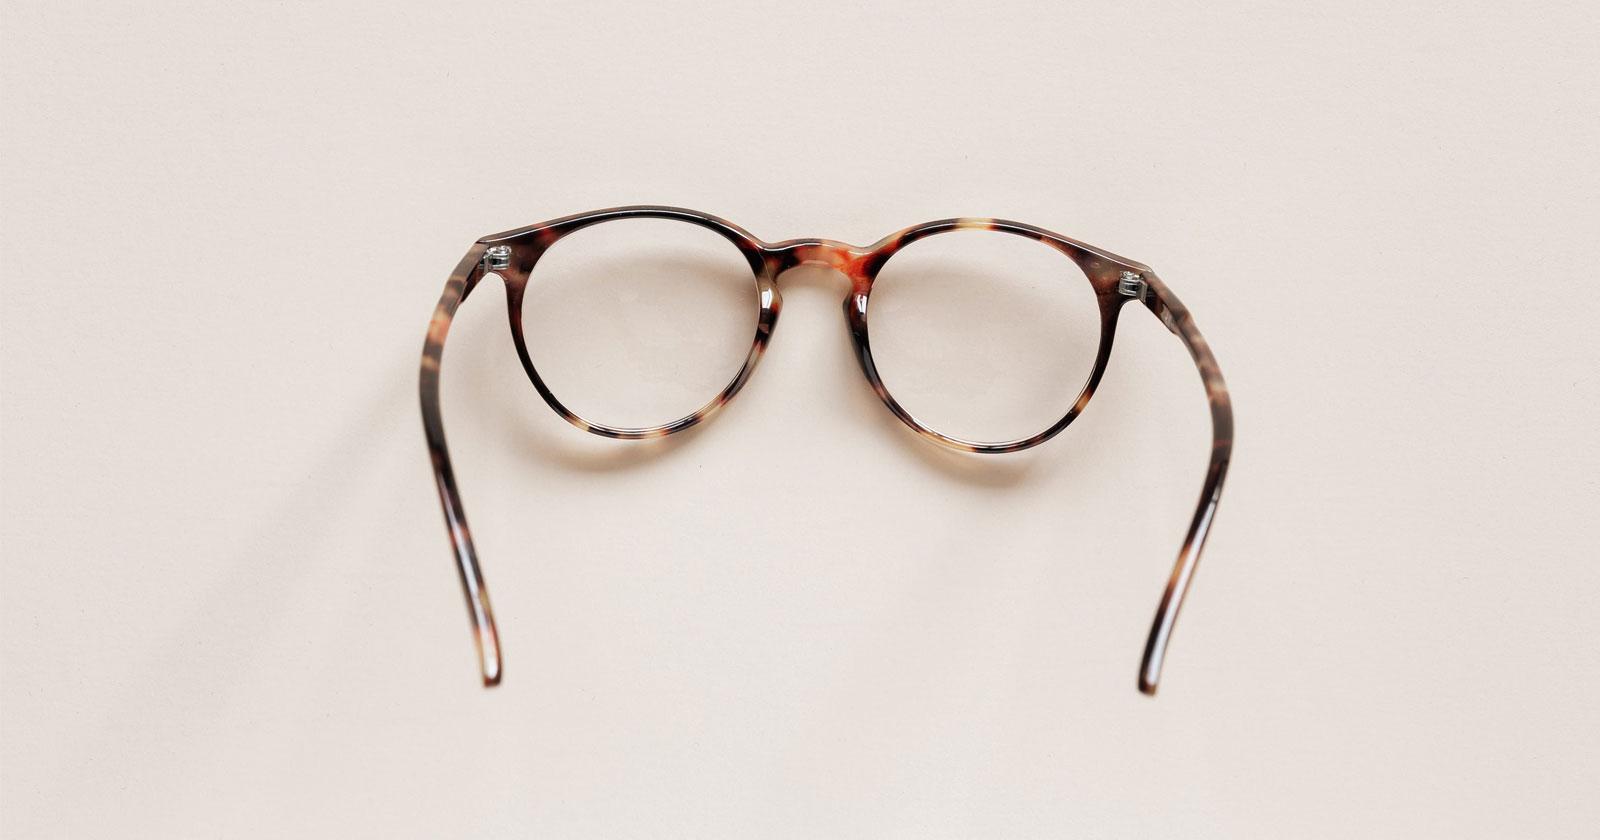 Men's Tortoise Eyeglasses Frames